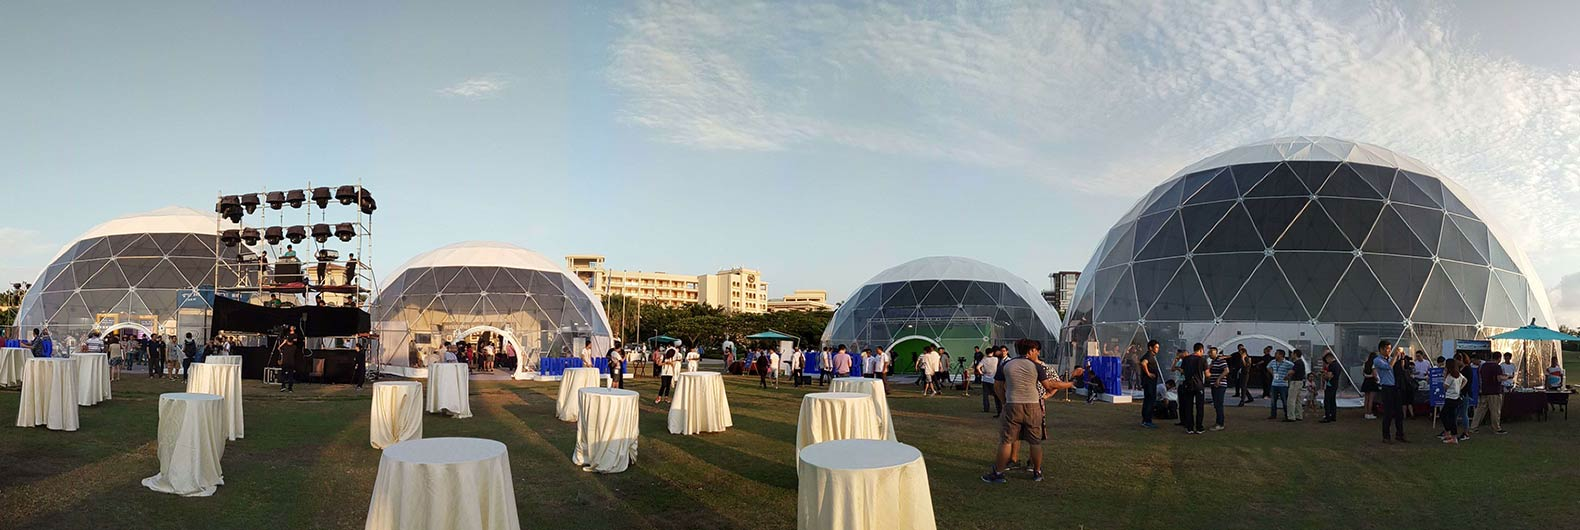 cúpula domo geodésica y carpas para bodas eventos fiestas exposición seminario conferencia Tienda de minería y almacén glamping hotel domo (2)